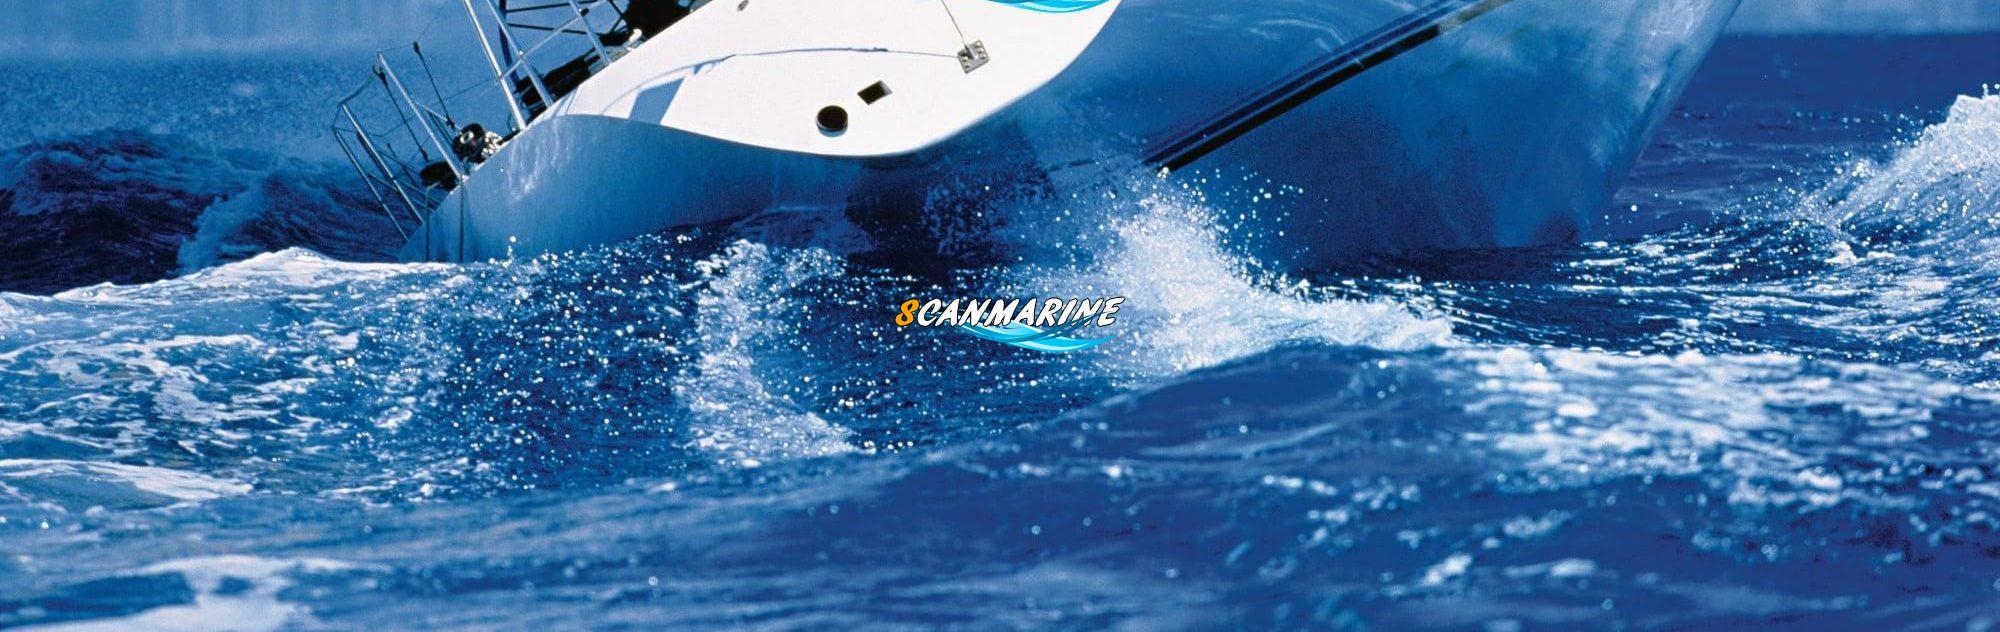 Водный спорт и отдых